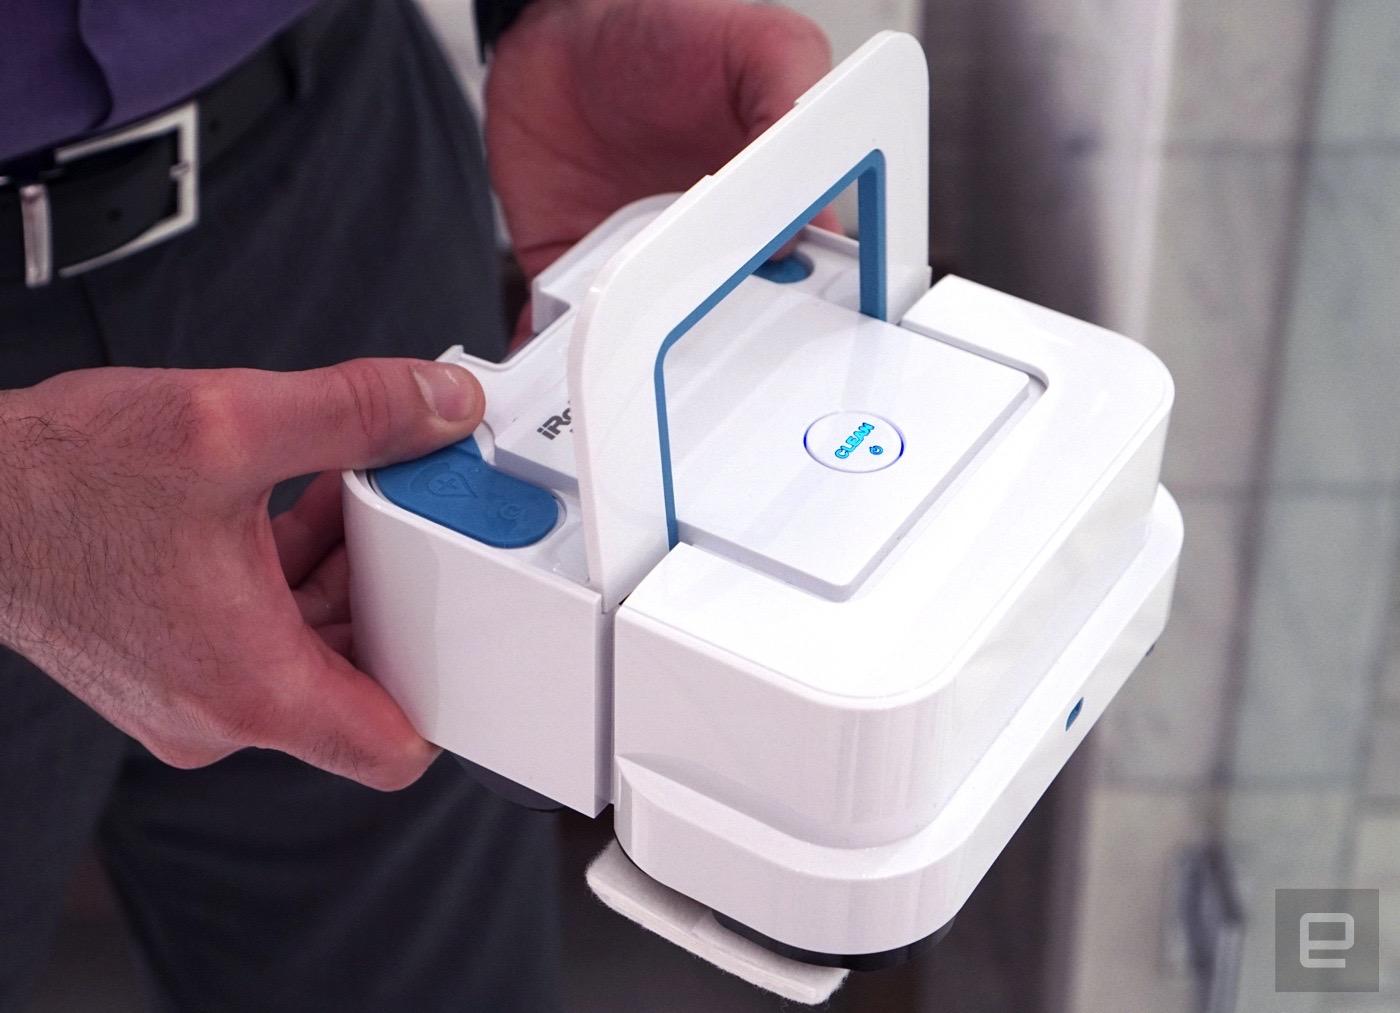 Next for iRobot, a cute $199 kitchen and bathroom mop bot